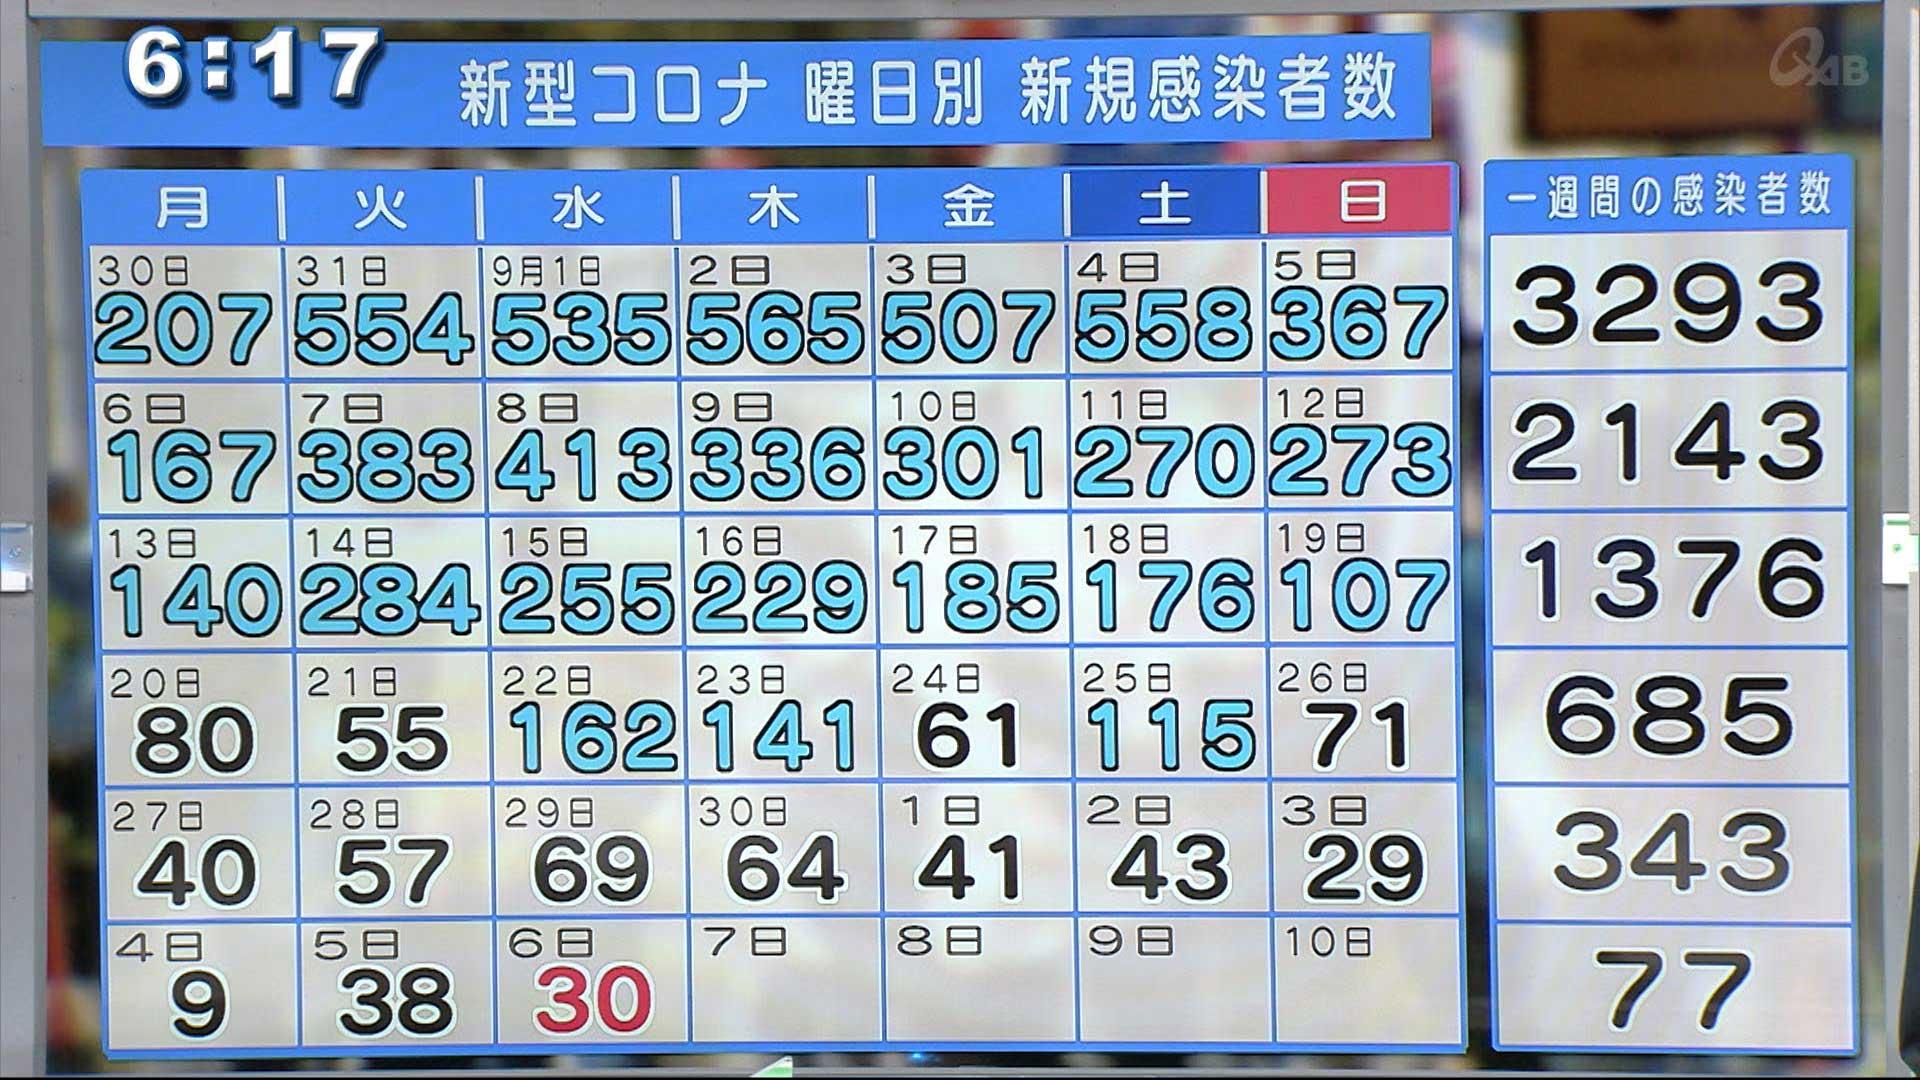 沖縄 新型コロナ新たに30人感染 11日連続2桁